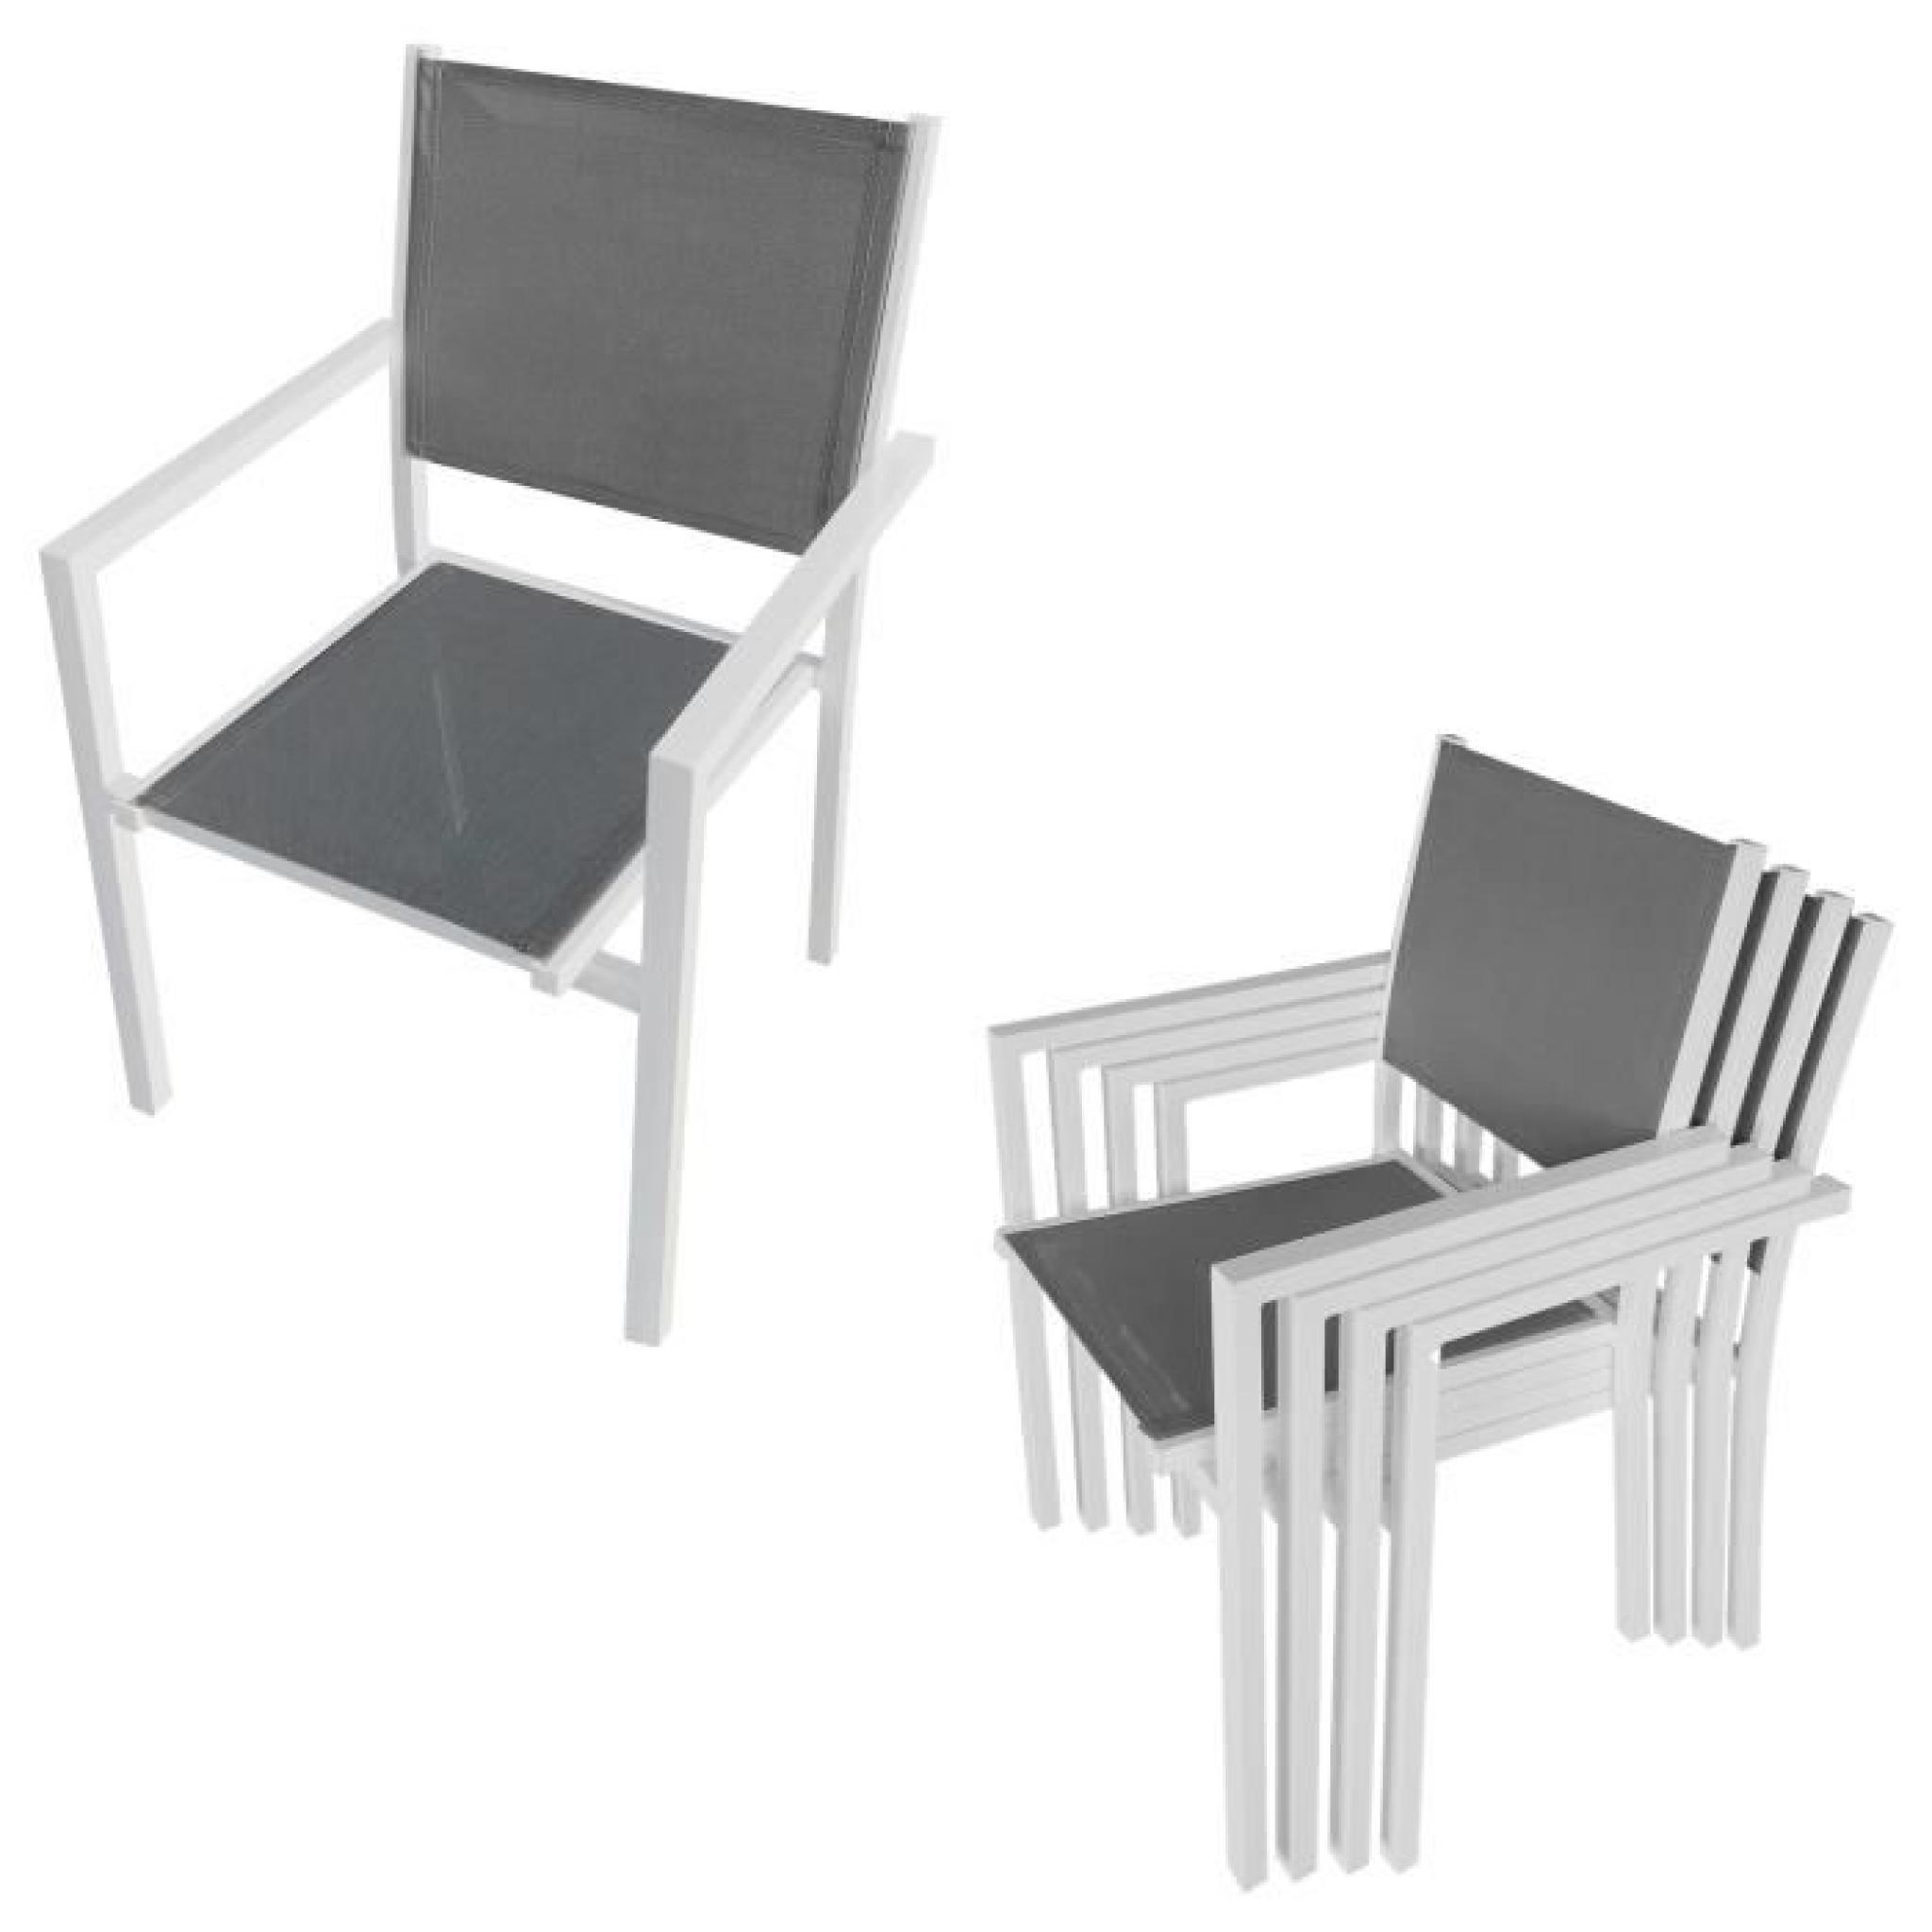 Salon de jardin cagliari en textil ne gris 8 places aluminium anthracite achat vente salon - Salon de jardin aluminium pas cher ...